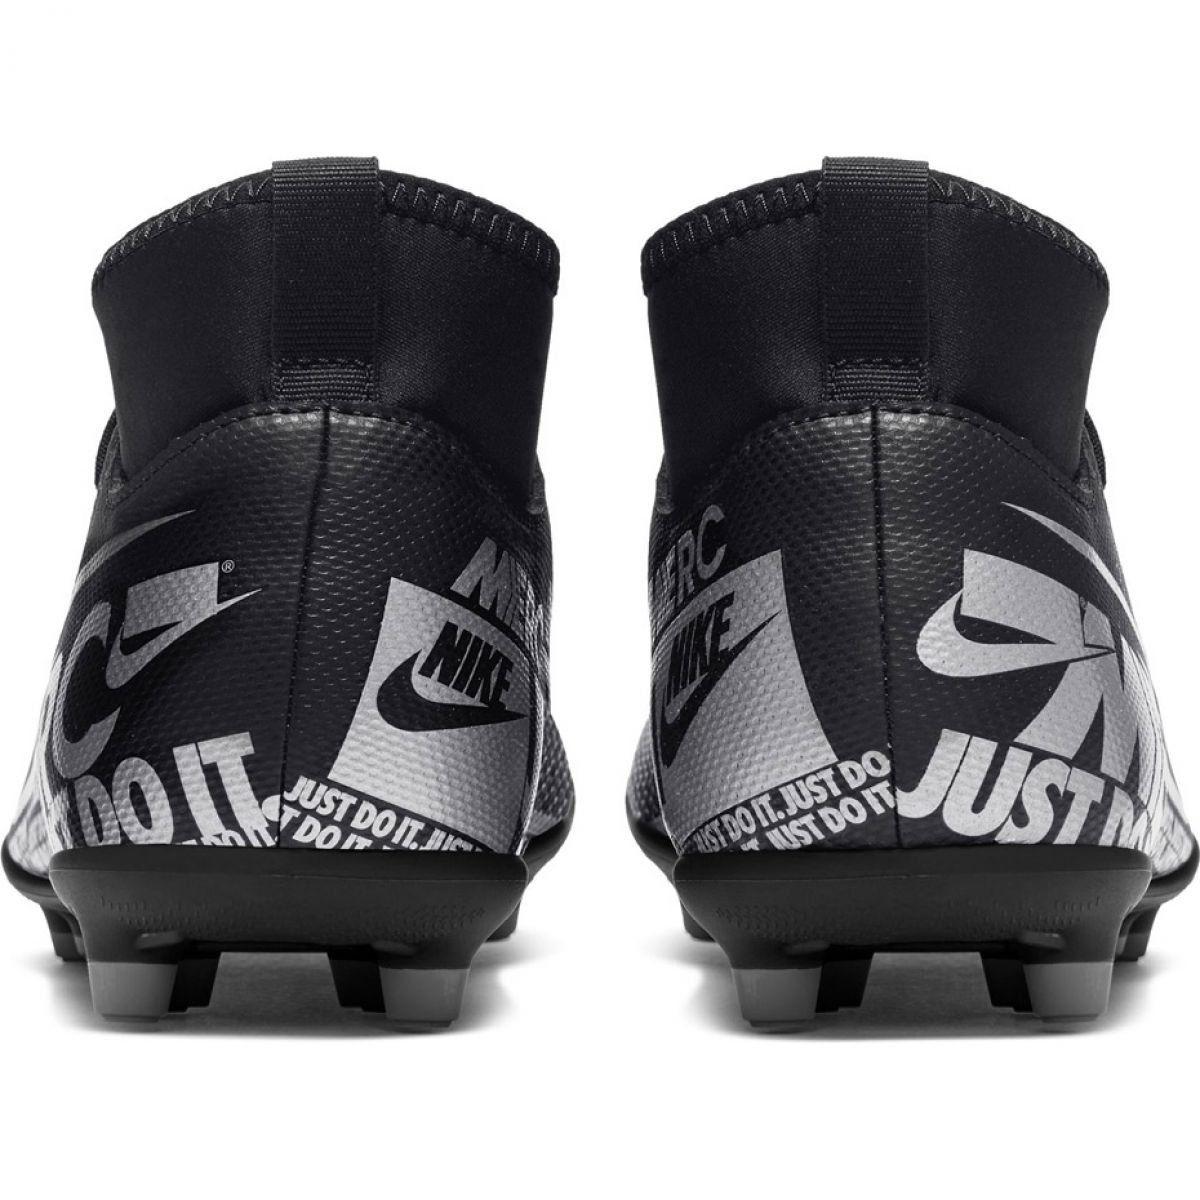 Football Shoes Nike Mercurial Superfly 7 Club Fg Mg Jr At8150 001 Black Football Shoes Nike Nike Football